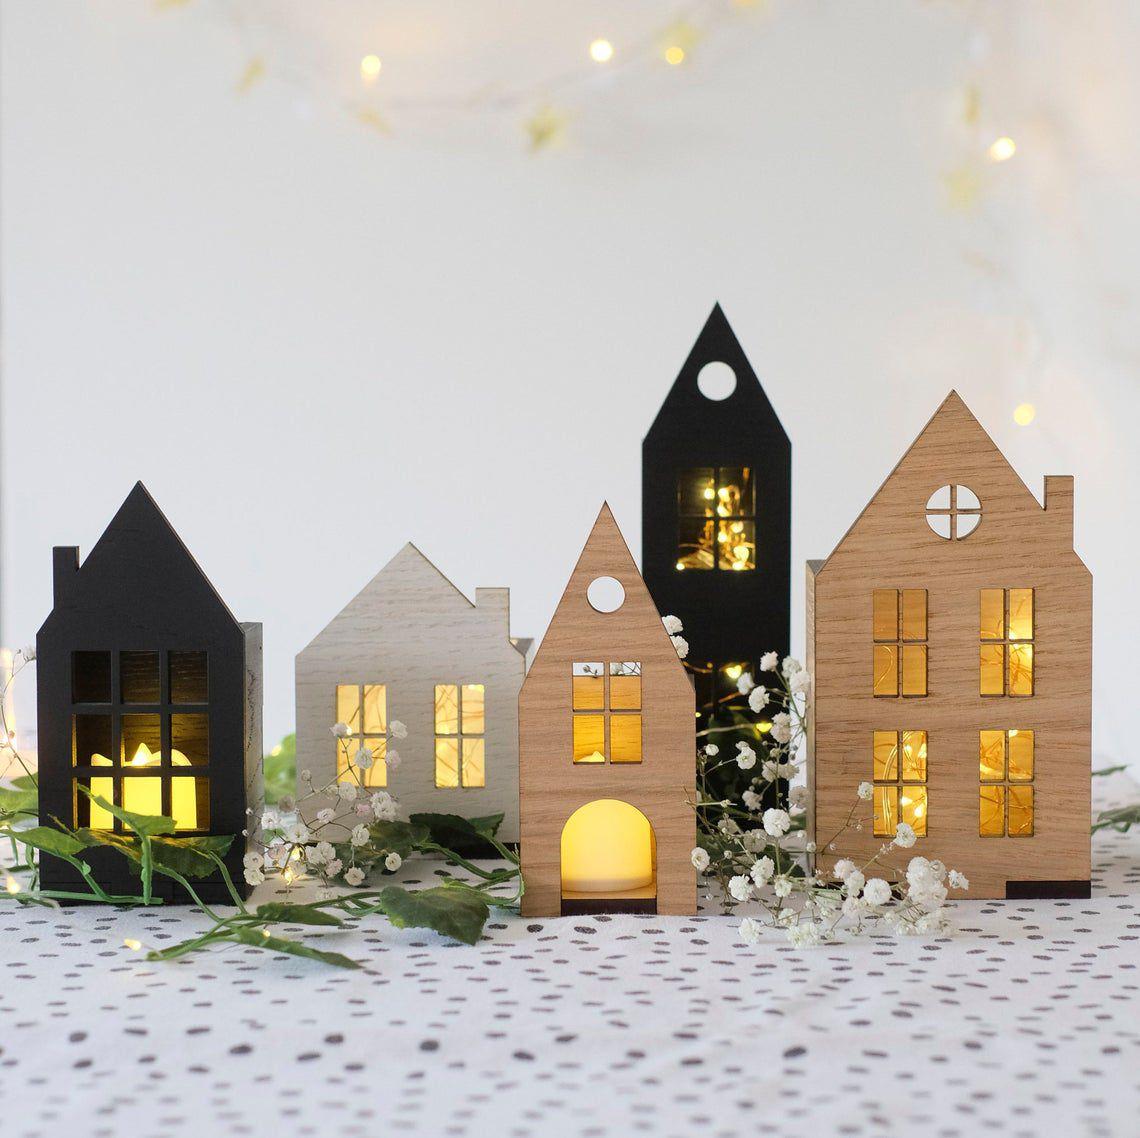 Christmas Scandi House Set Decoration